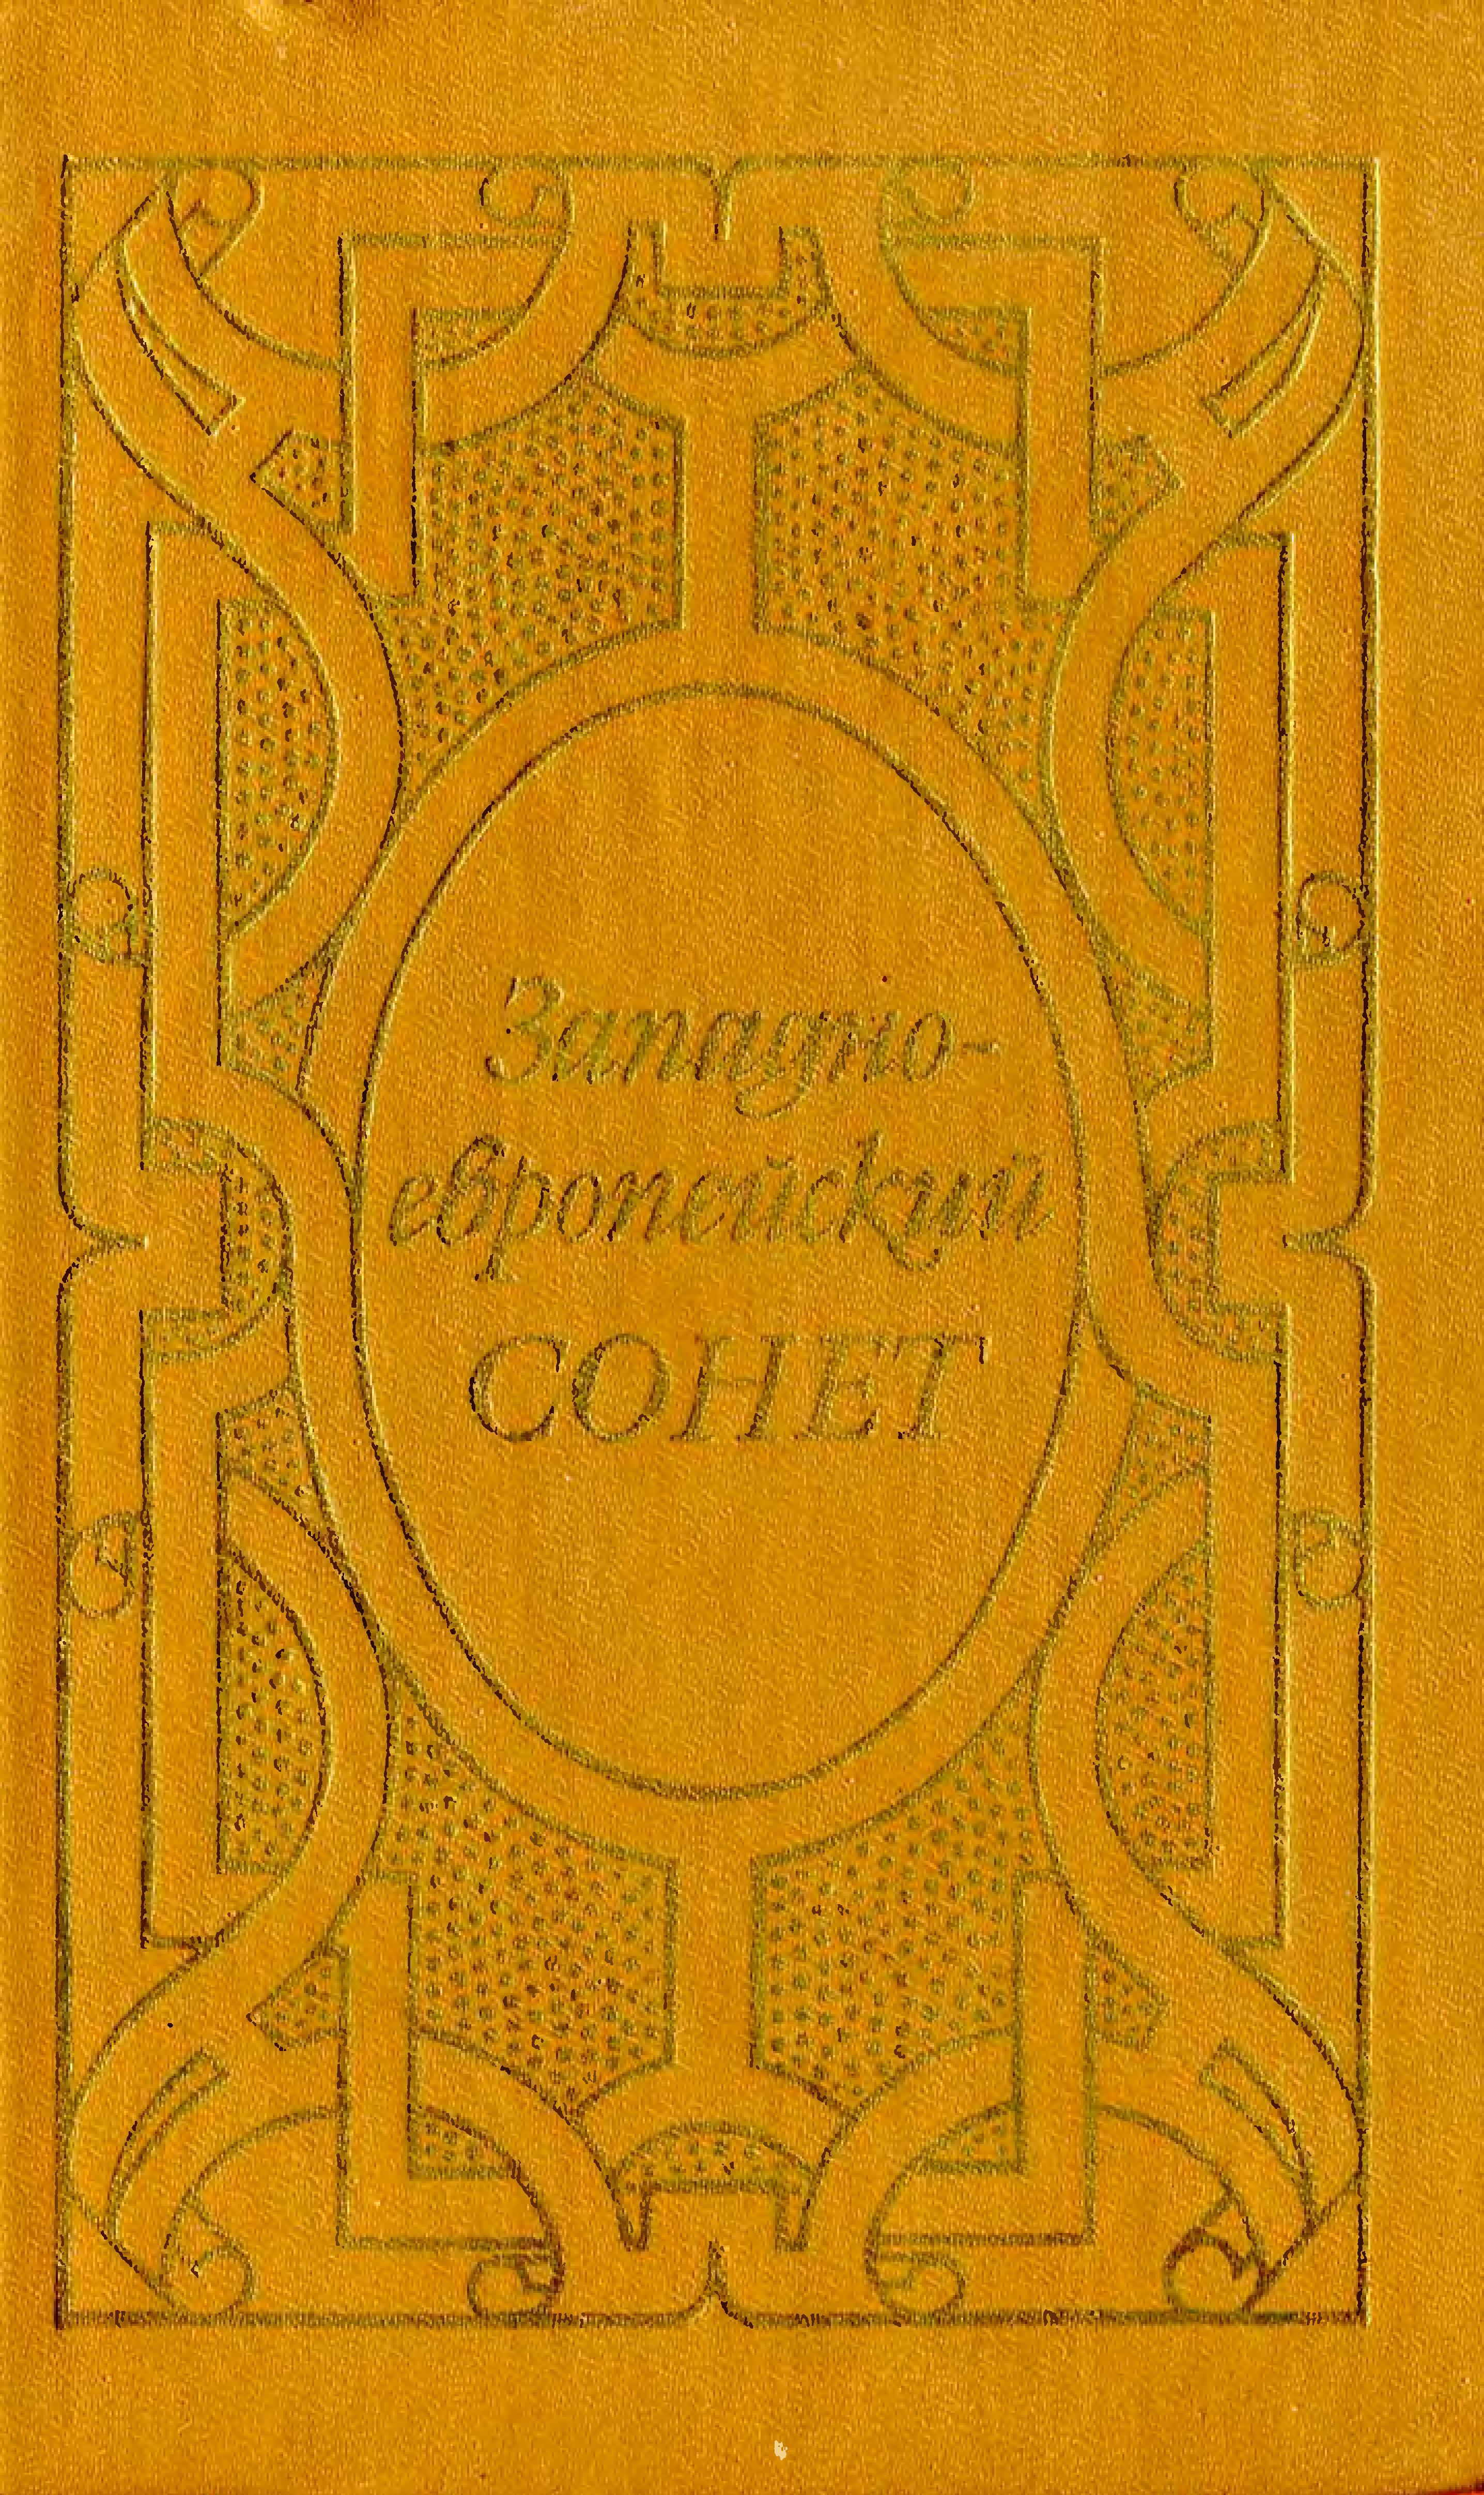 Коллектив авторов: Западноевропейский сонет XIII-XVII веков